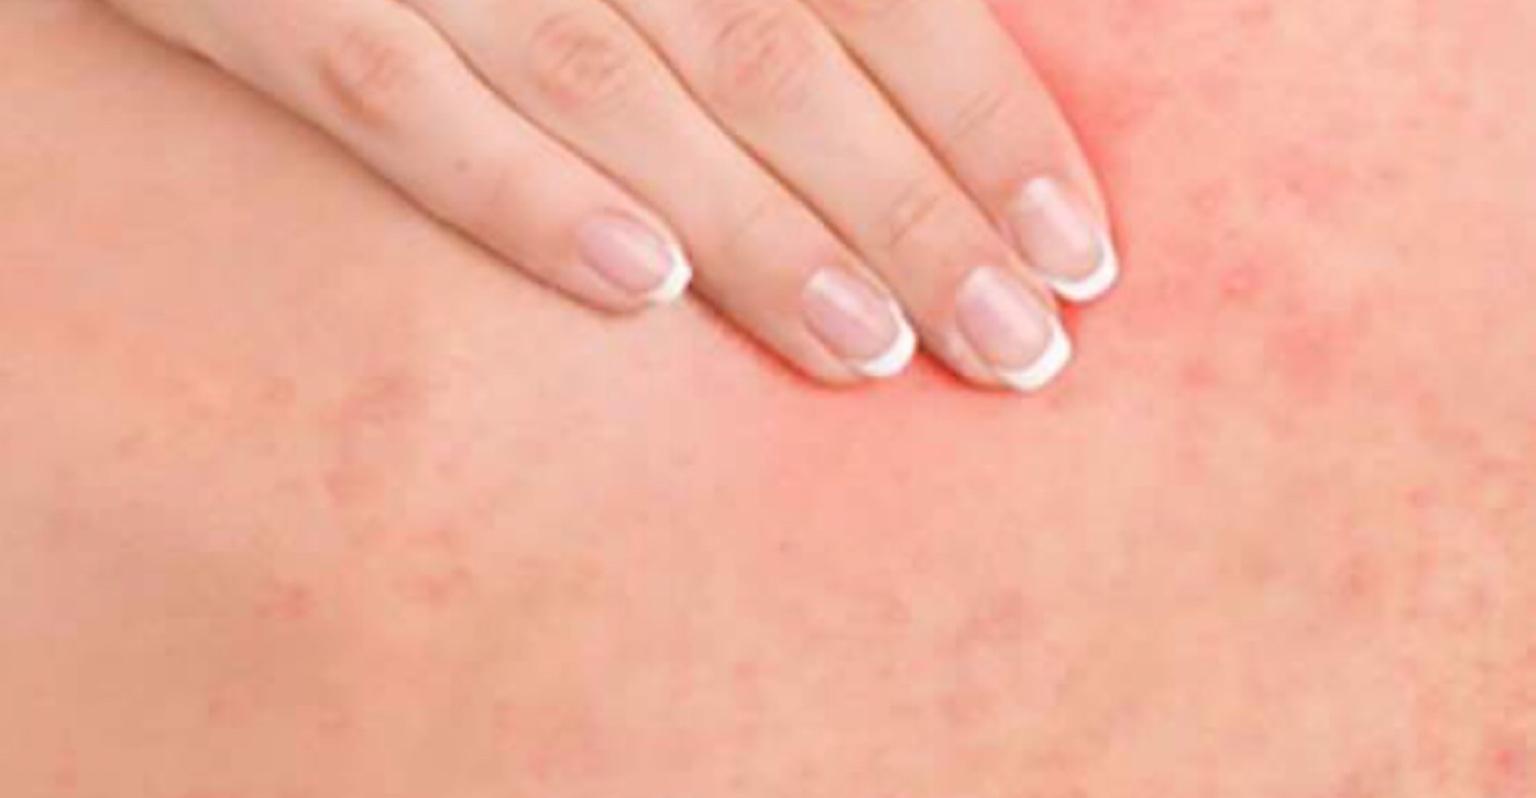 Psoríase: Saiba o que é e como tratar a doença inflamatória da pele